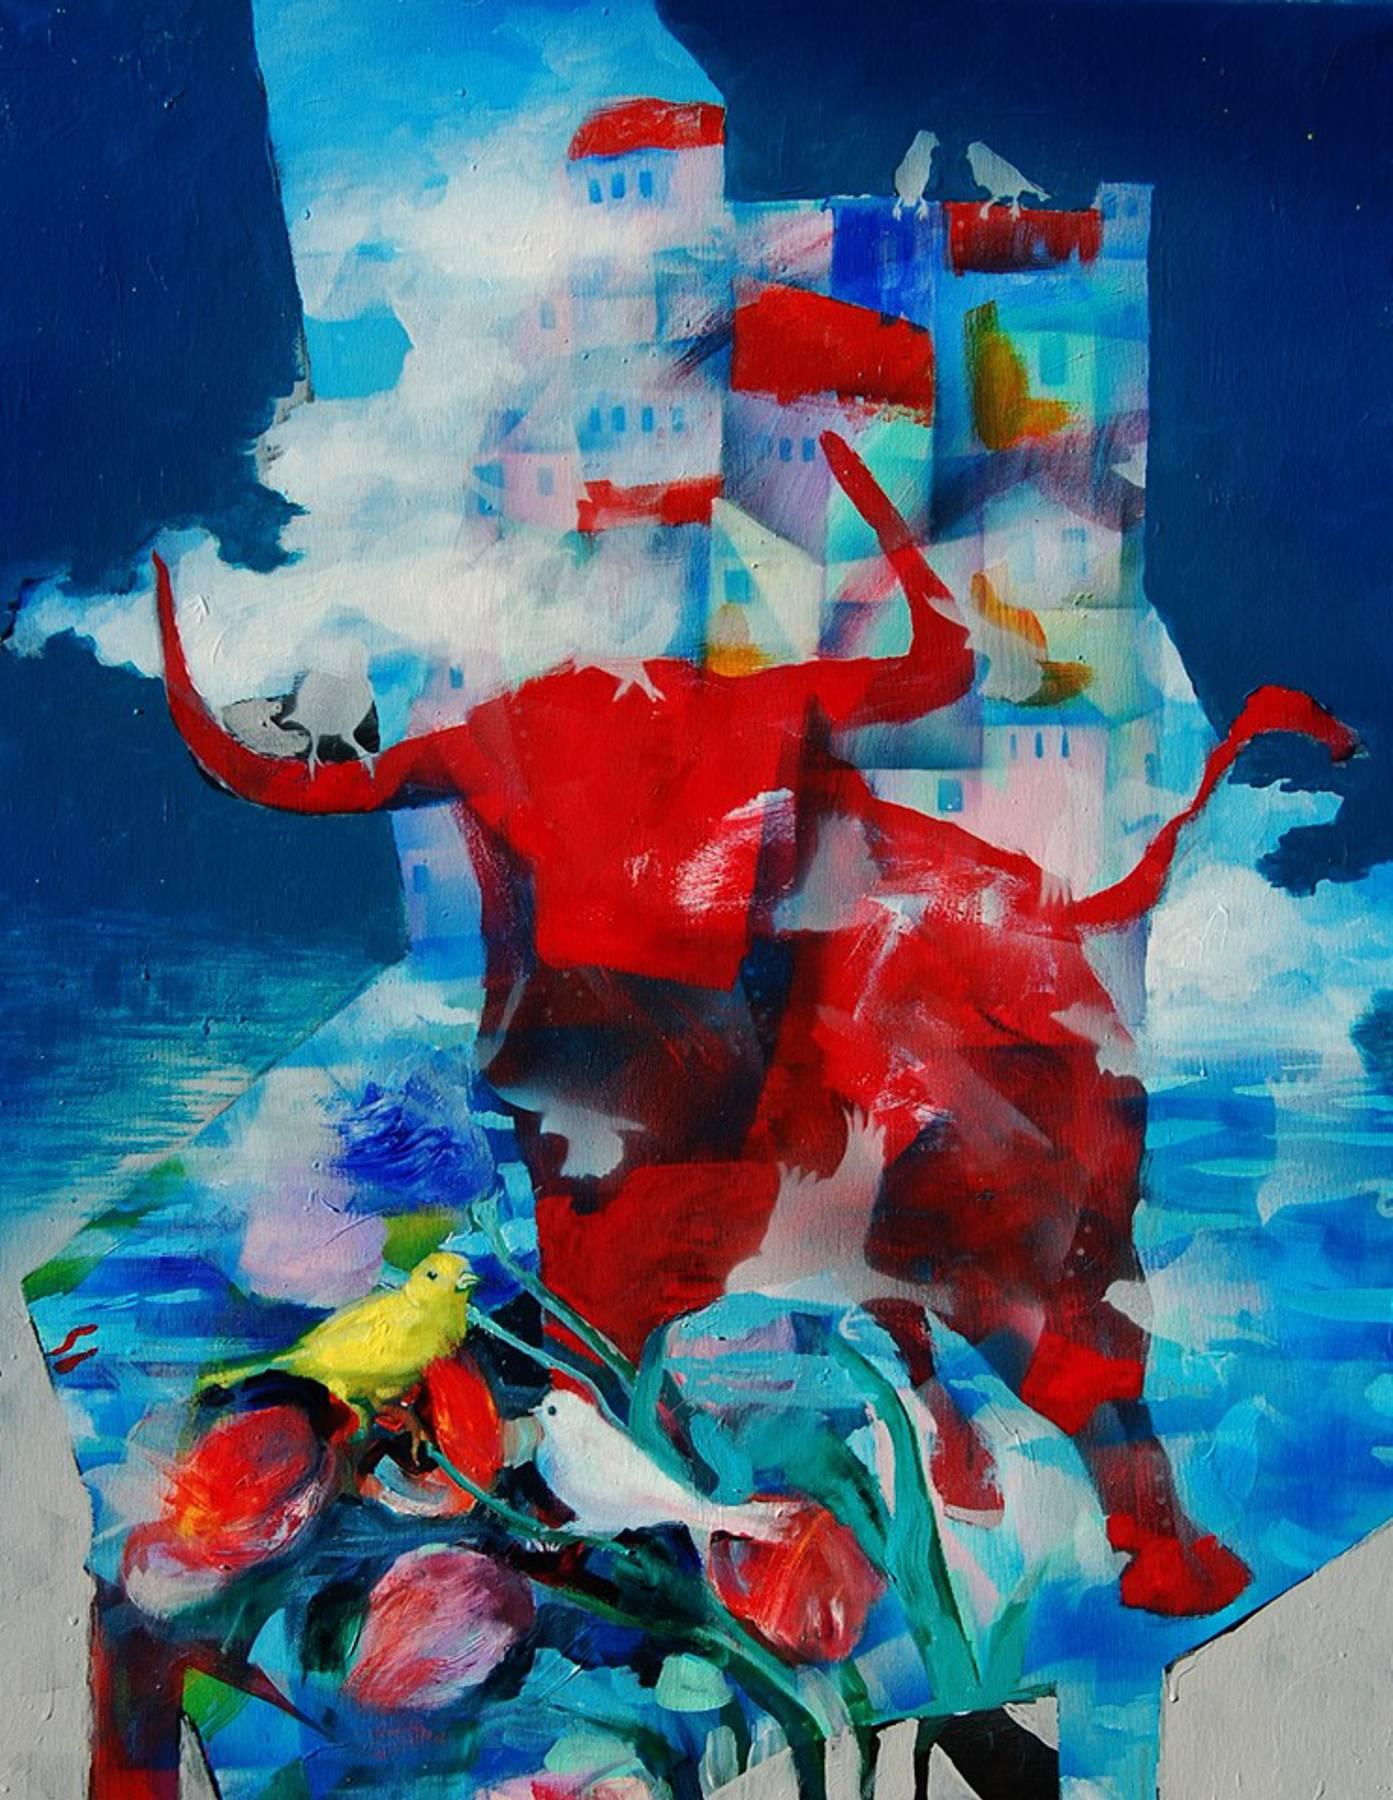 Stano Barta – Zátišie s nebezpečenstvom, kombinovaná technika na plátne, 2019